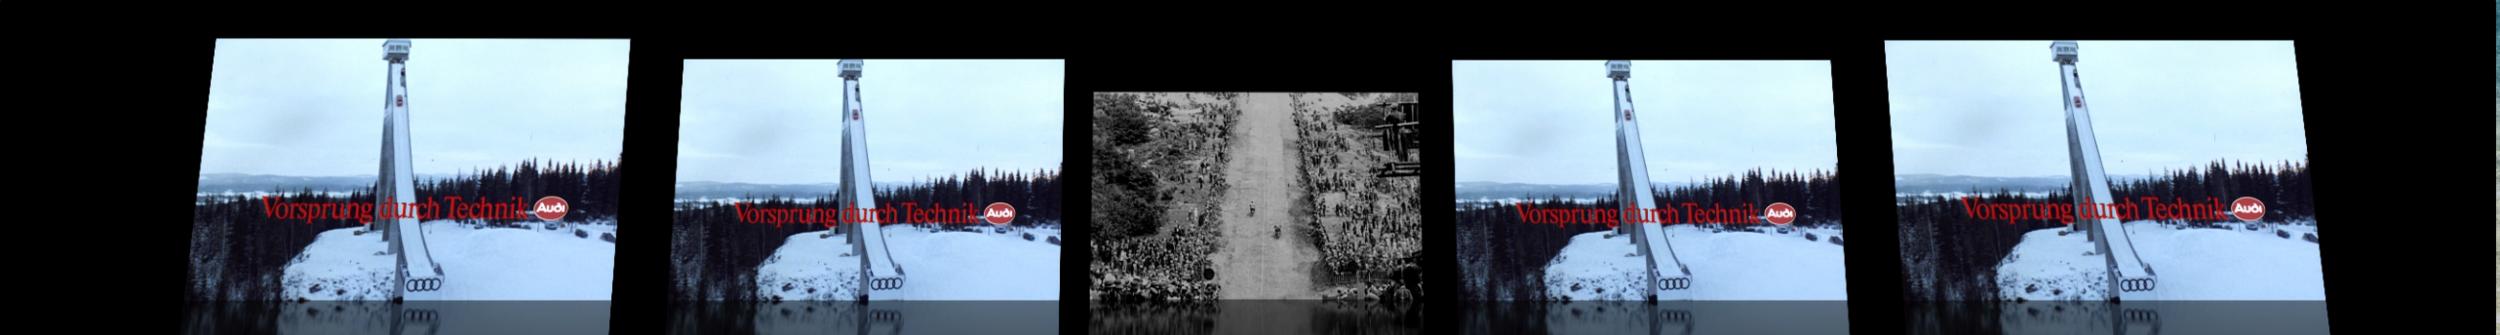 Bildschirmfoto 2014-08-17 um 14.52.58.png